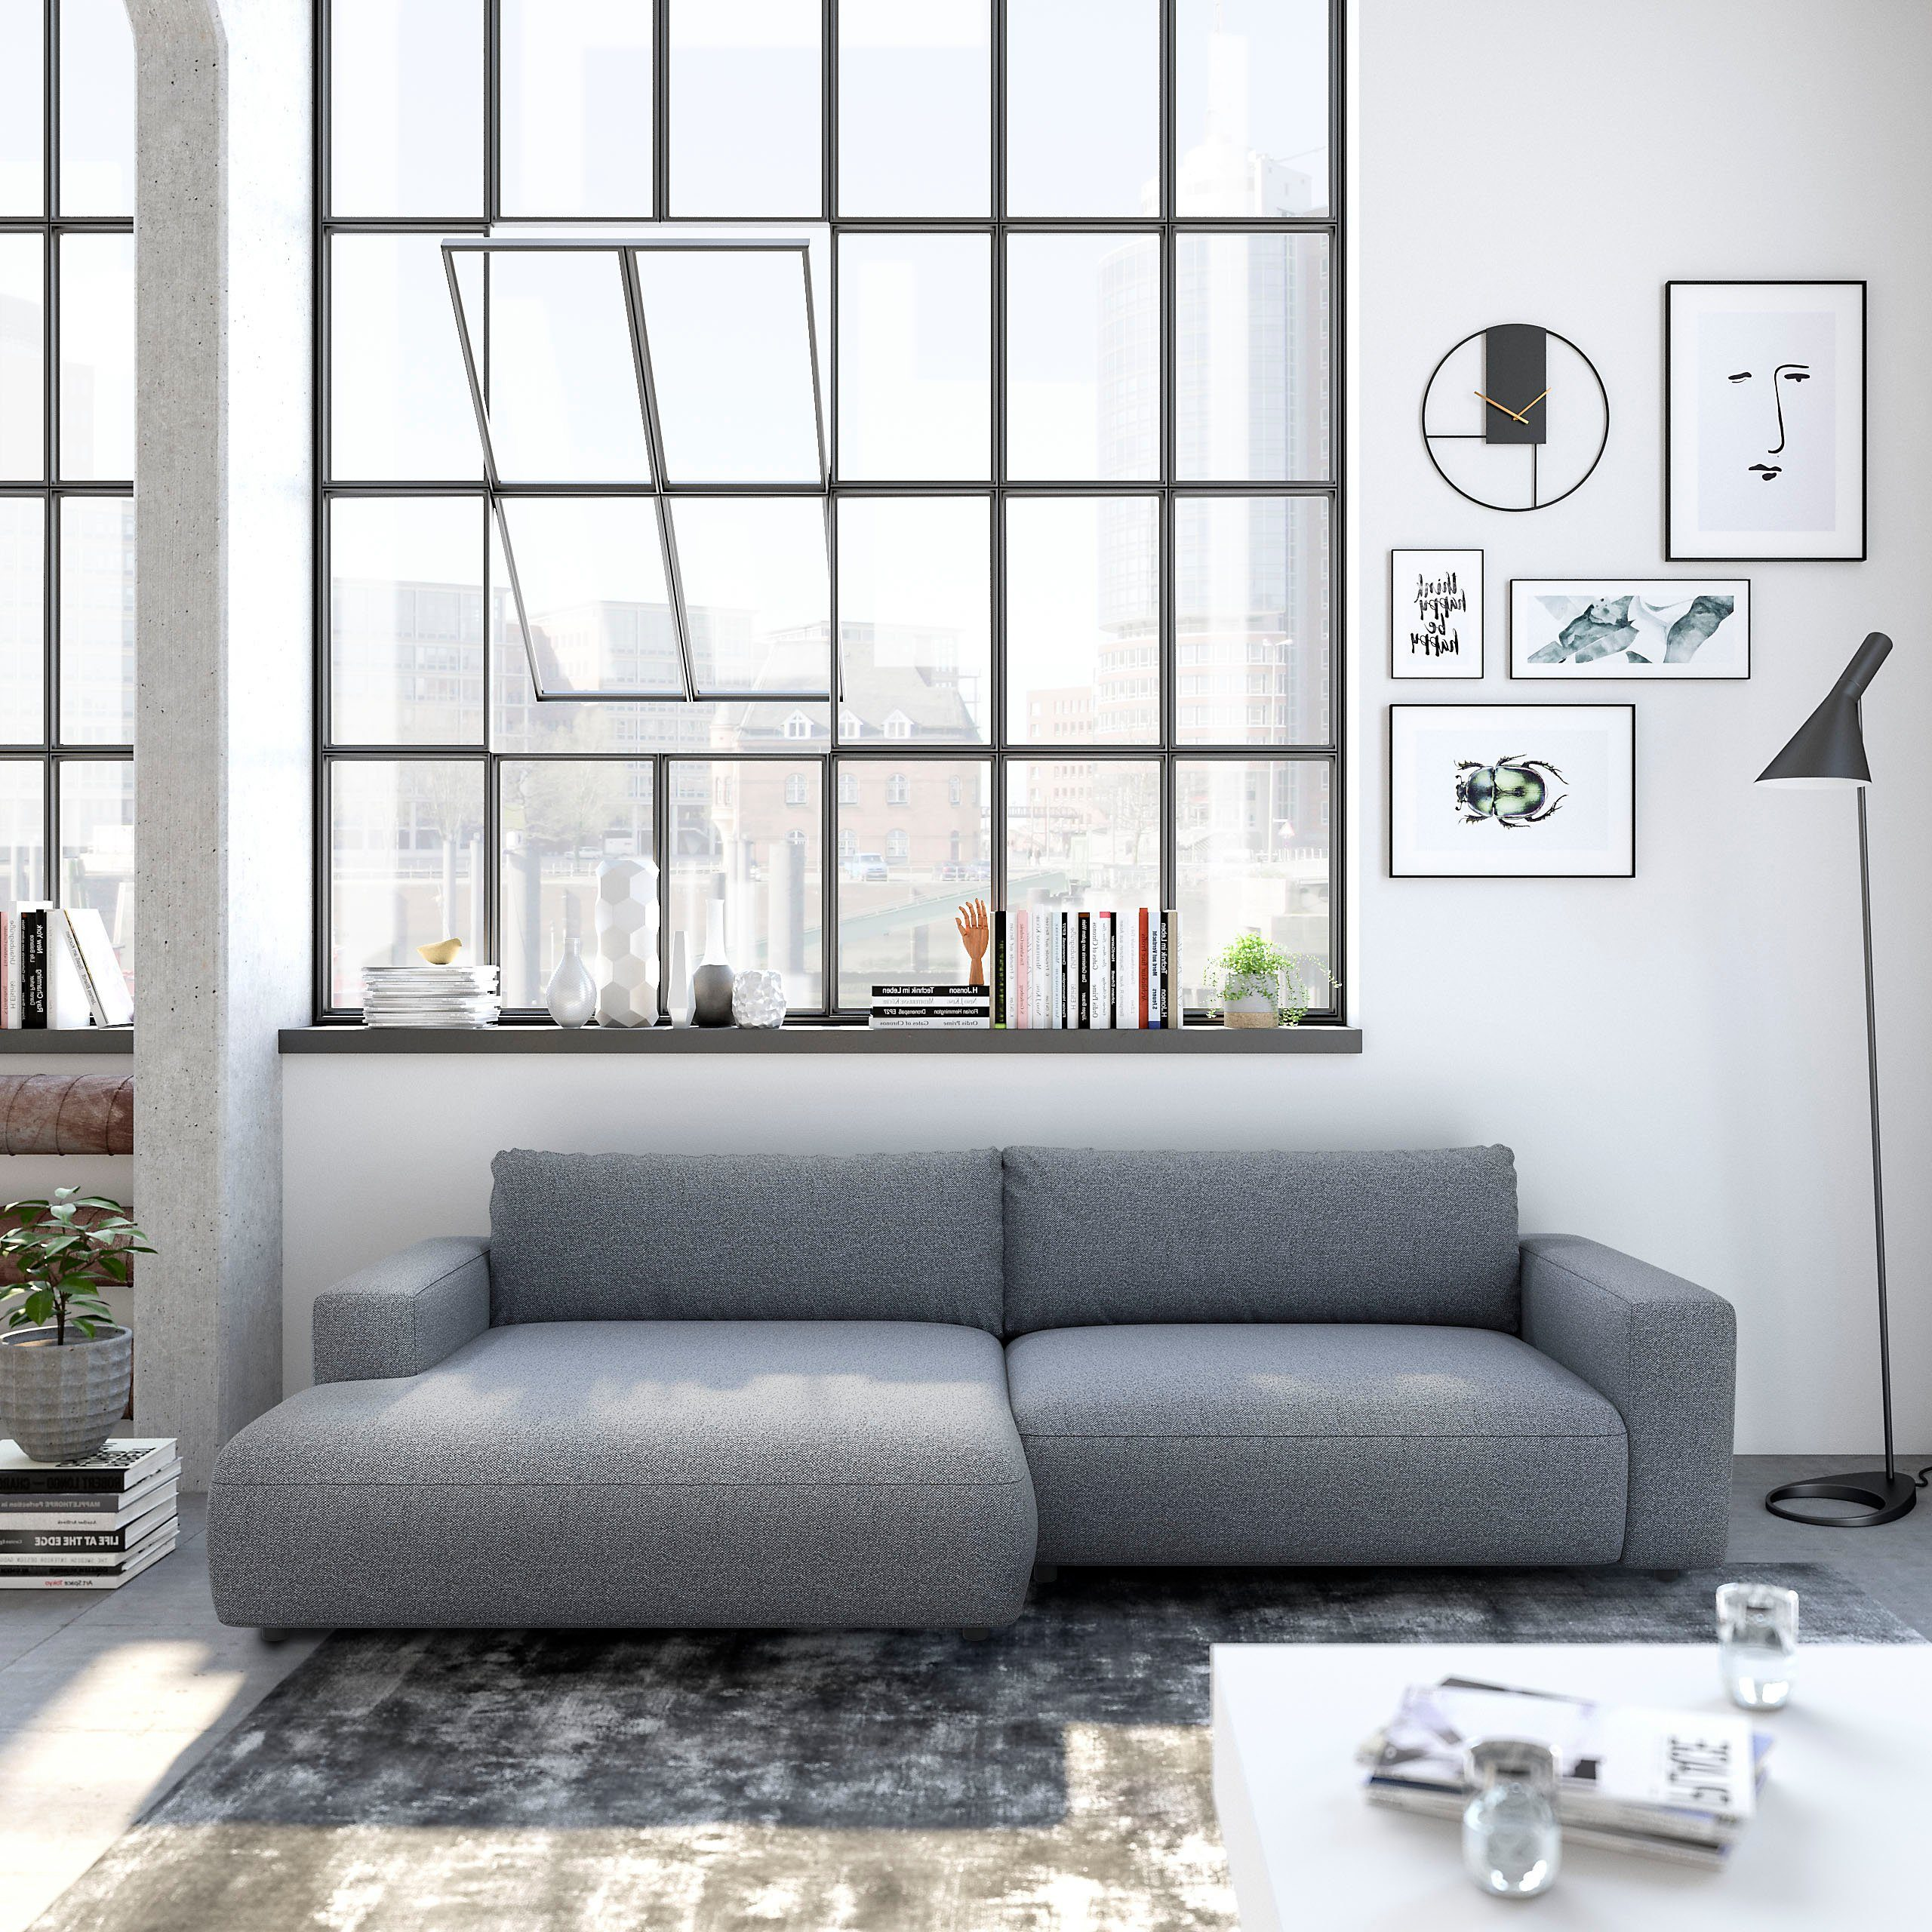 GALLERY M Loungesofa »Lucia Vorschlag 6«, 5 Jahre Hersteller Garantie online kaufen | OTTO